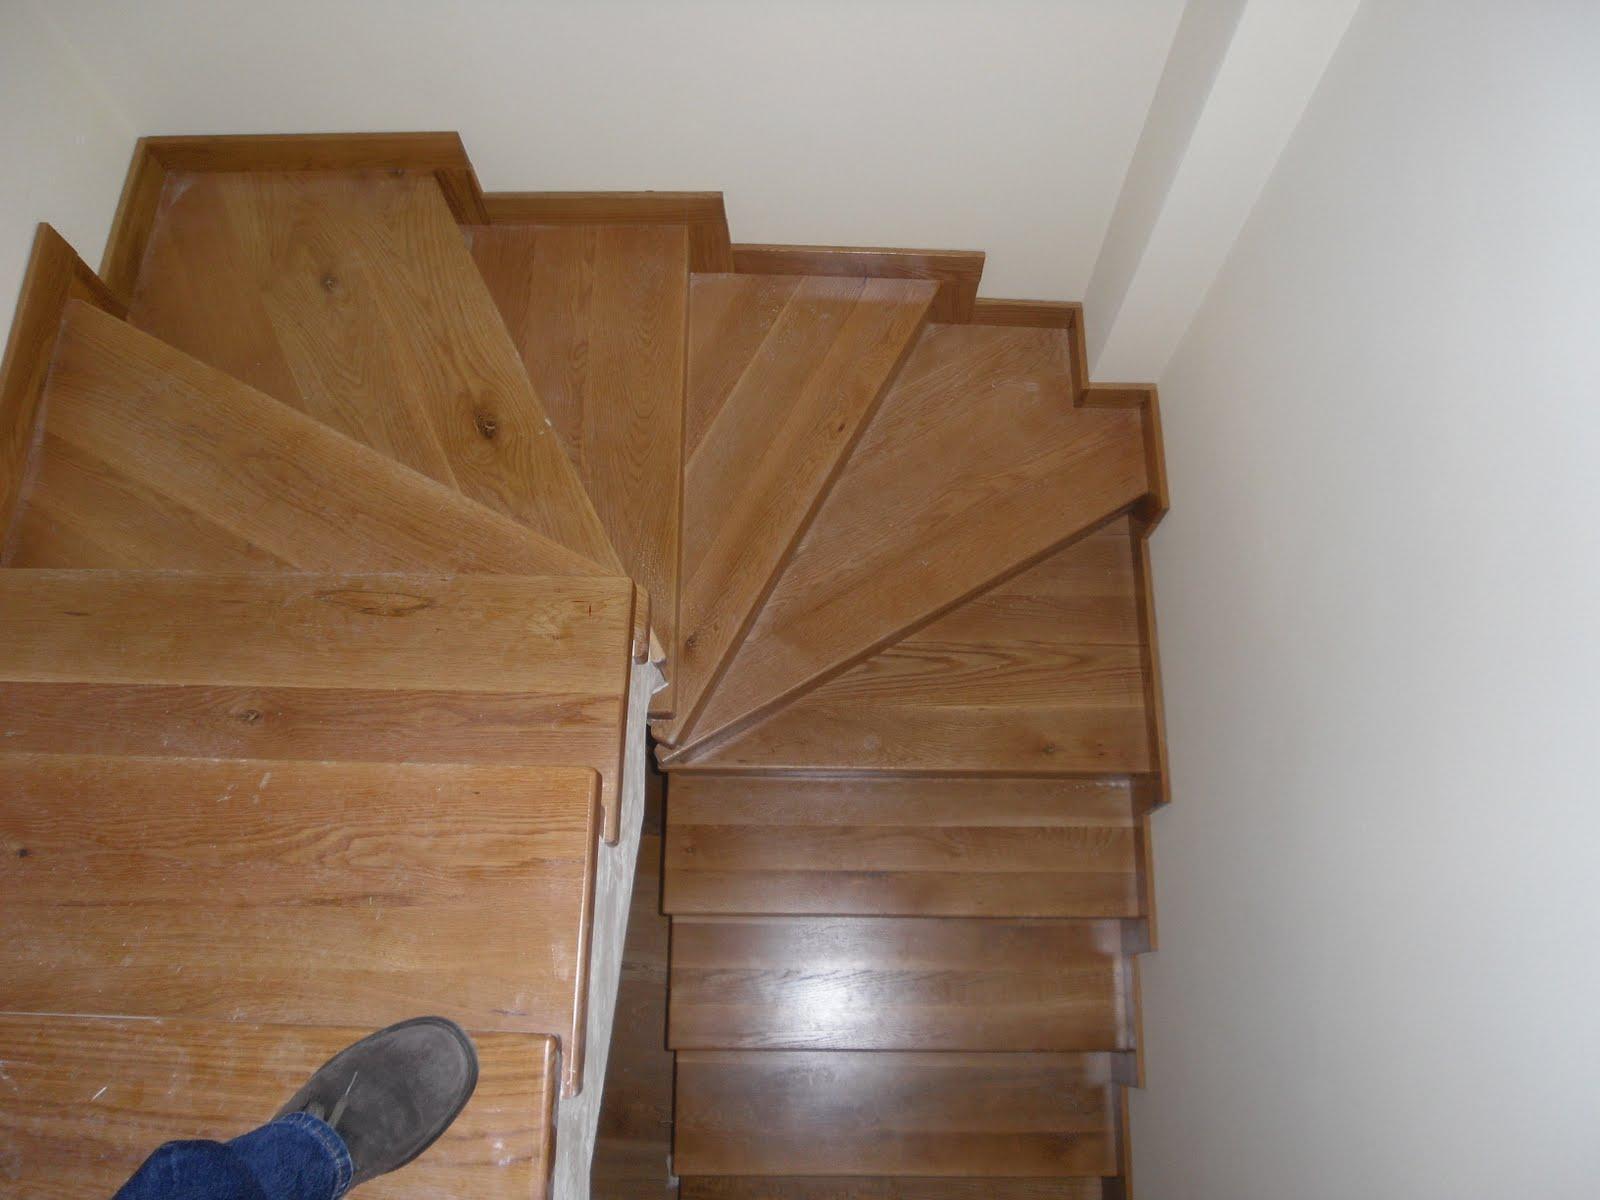 El carpintero escaleras de madera for Madera para escaleras